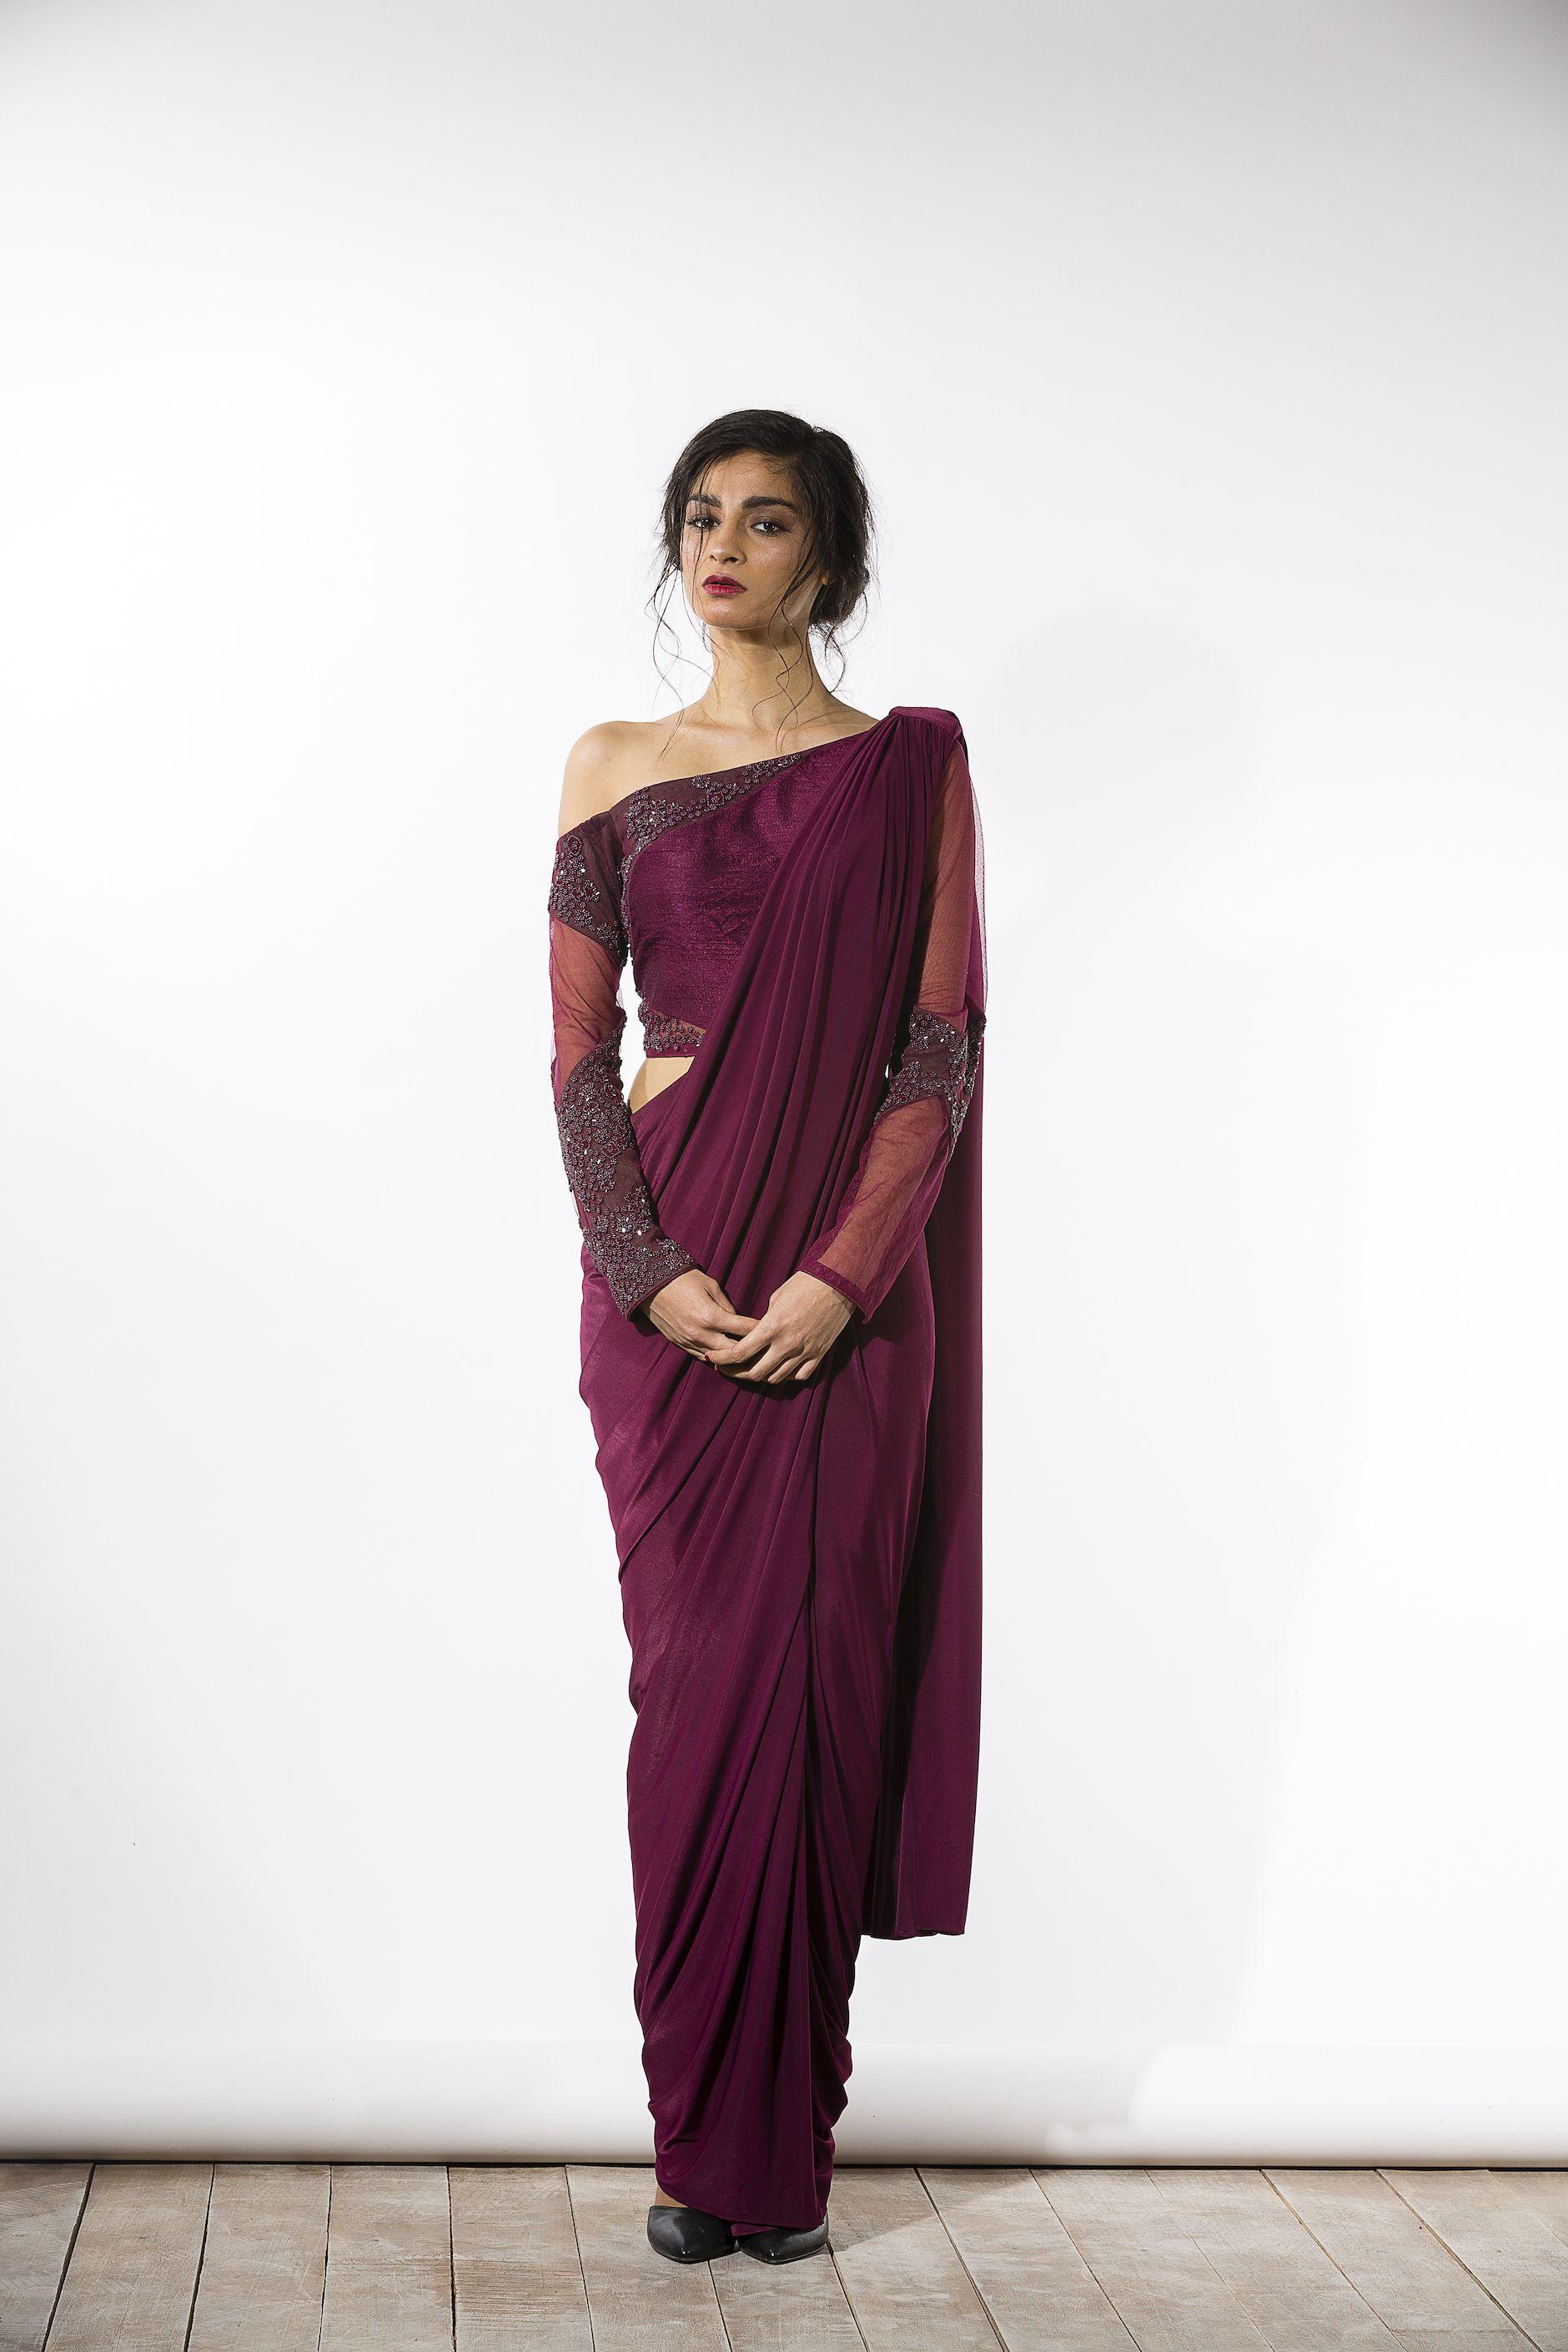 27db01af910d4b Elegant Saree Drape and off-shoulder choli blouse <3 pernia's pop up shop  #pernias #saree #choli #blouse, #indianfashion via @sunjayjk